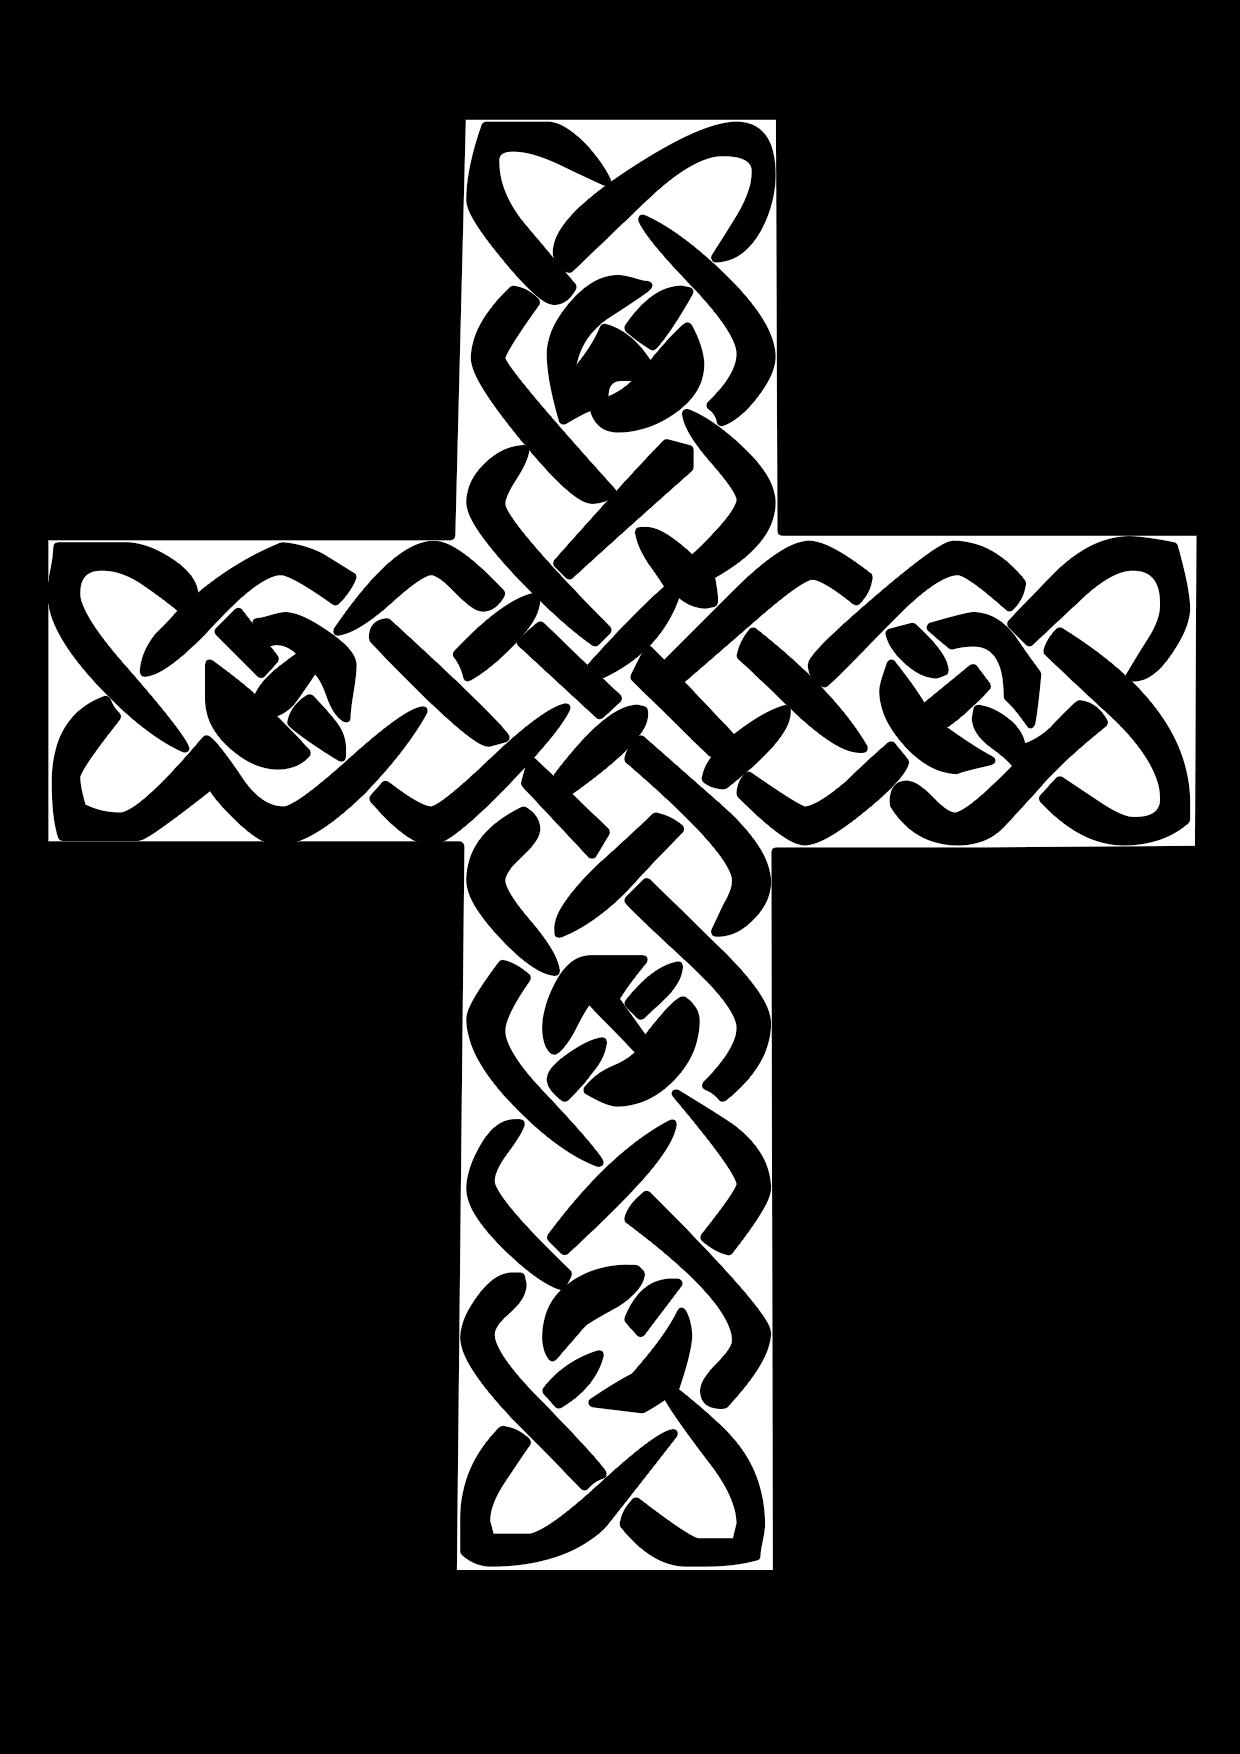 Imagen de la cruz latina para colorear